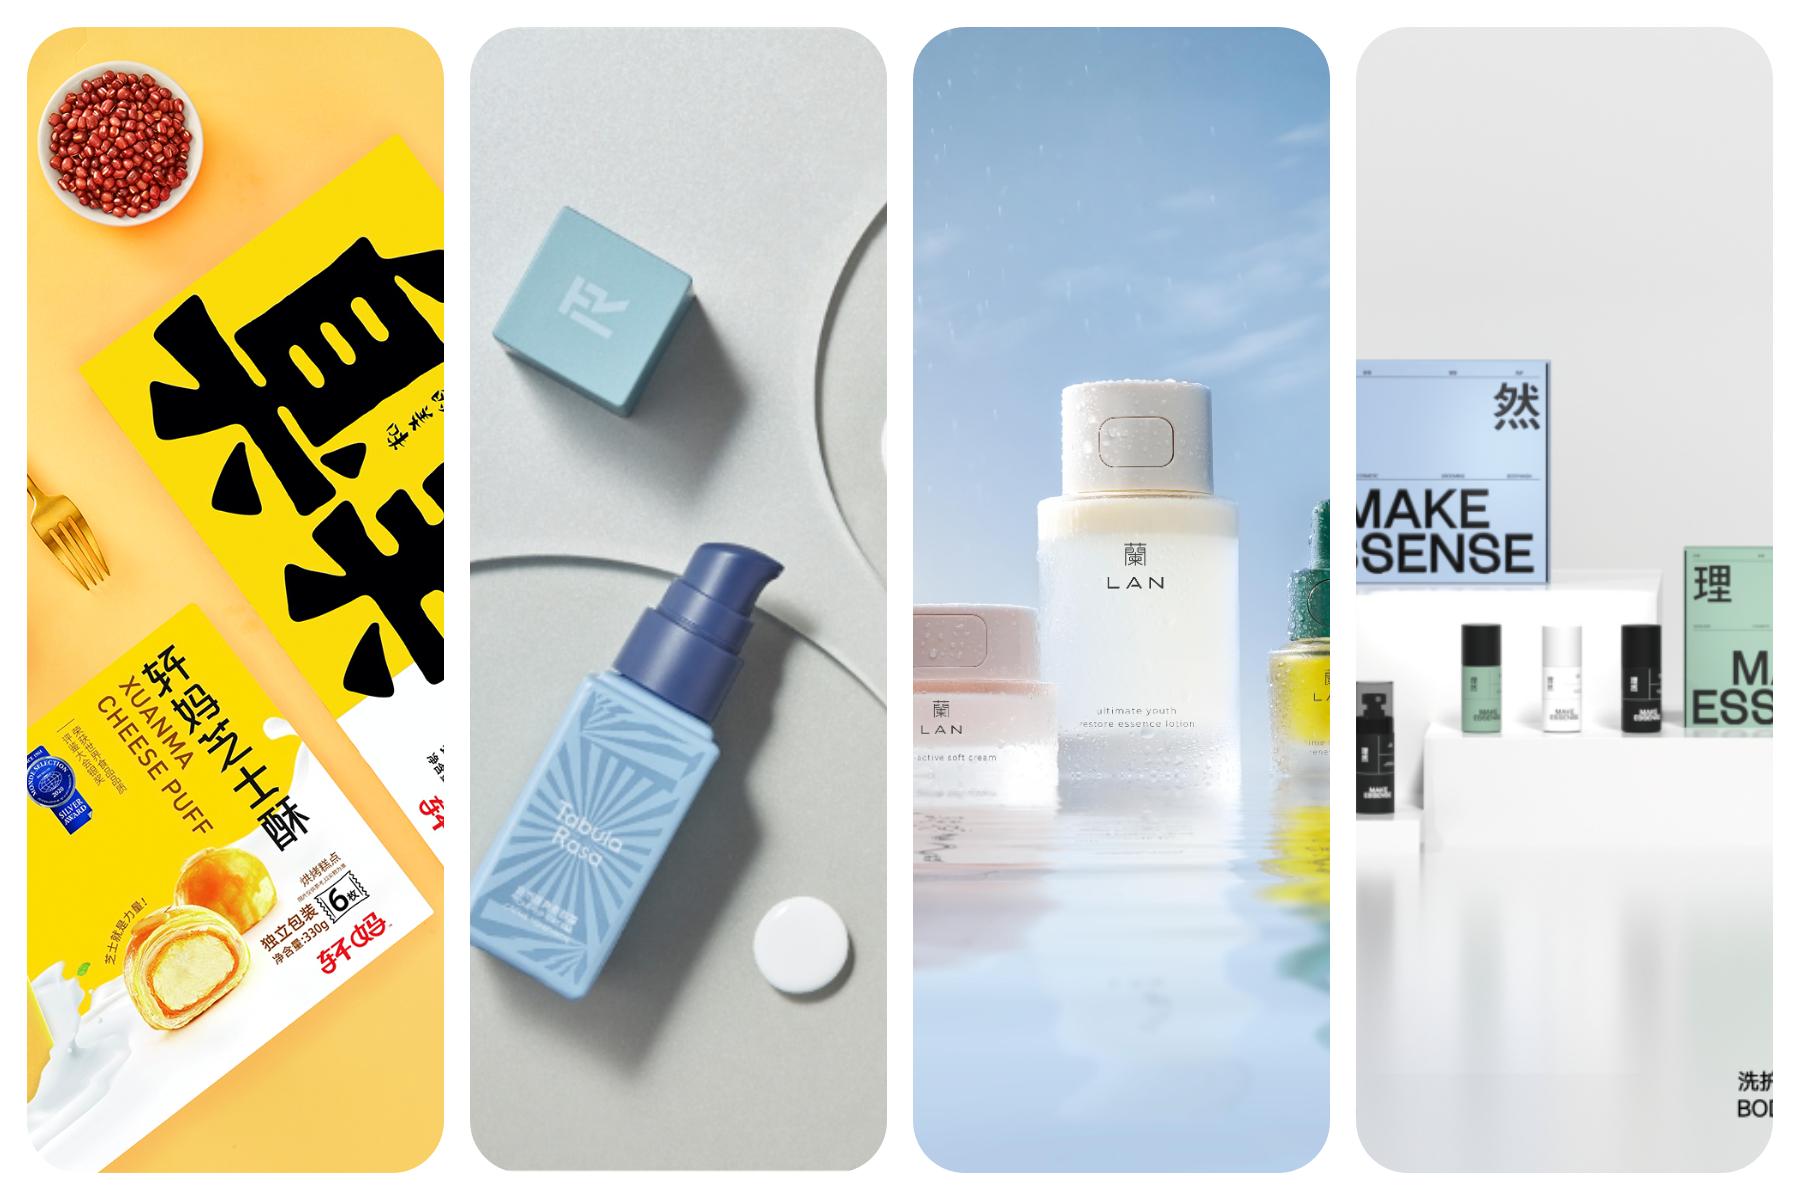 【华丽中国投资周报】2021年第16期:5家中国时尚消费企业完成新一轮融资